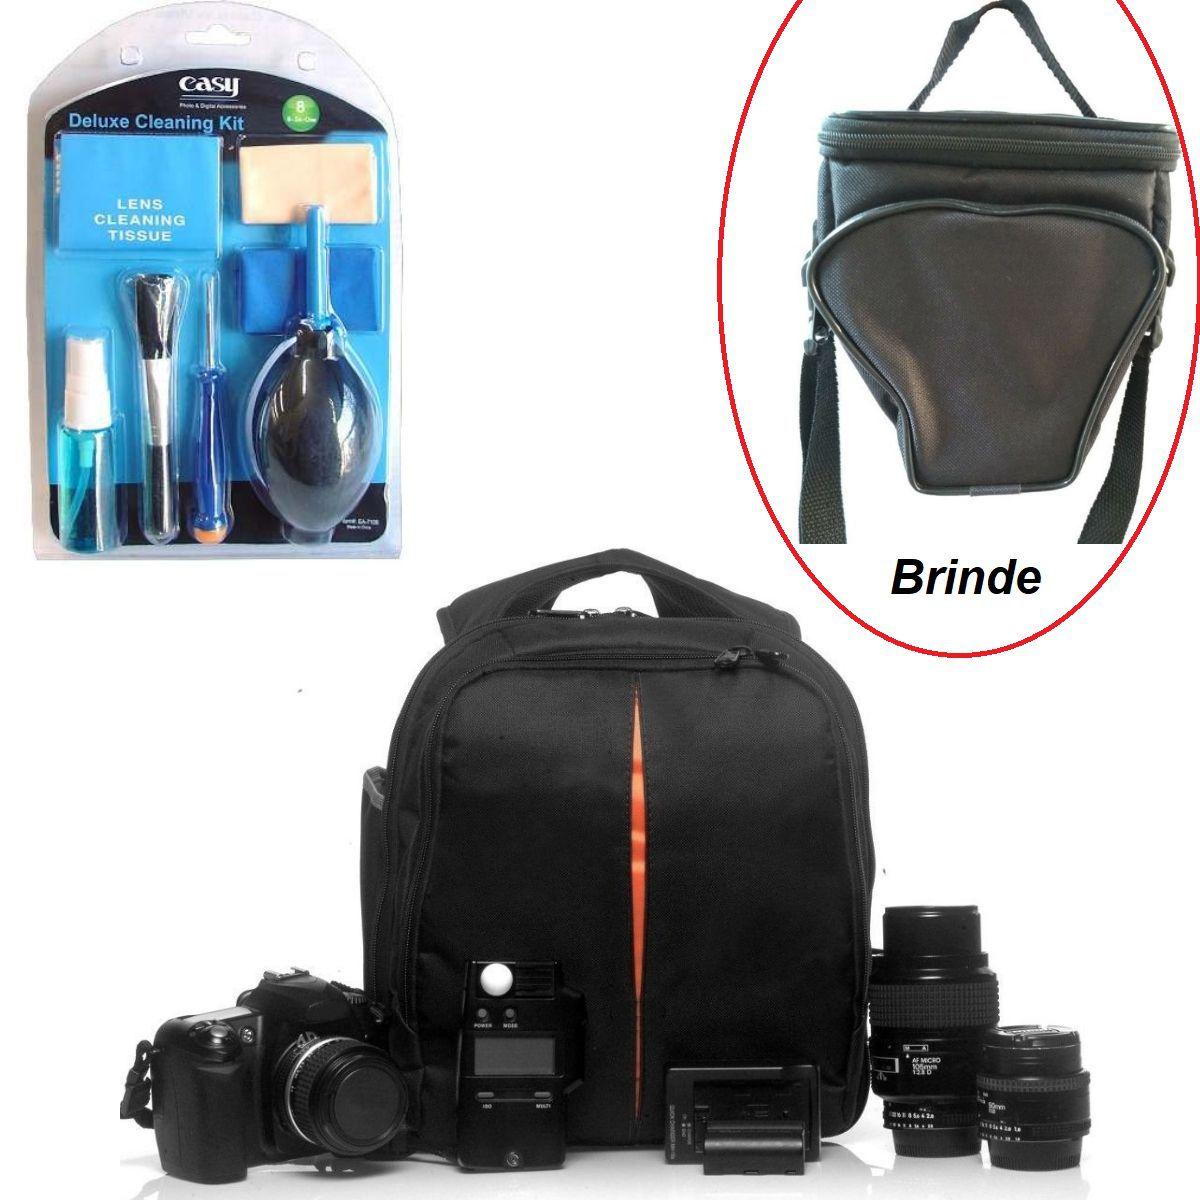 Kit Profissional Com Mochila Vmb2 Para Câmeras E Lentes Com Kit Limpeza 8x1 Easy Para Limpeza Com Brinde Bolsa ISA01